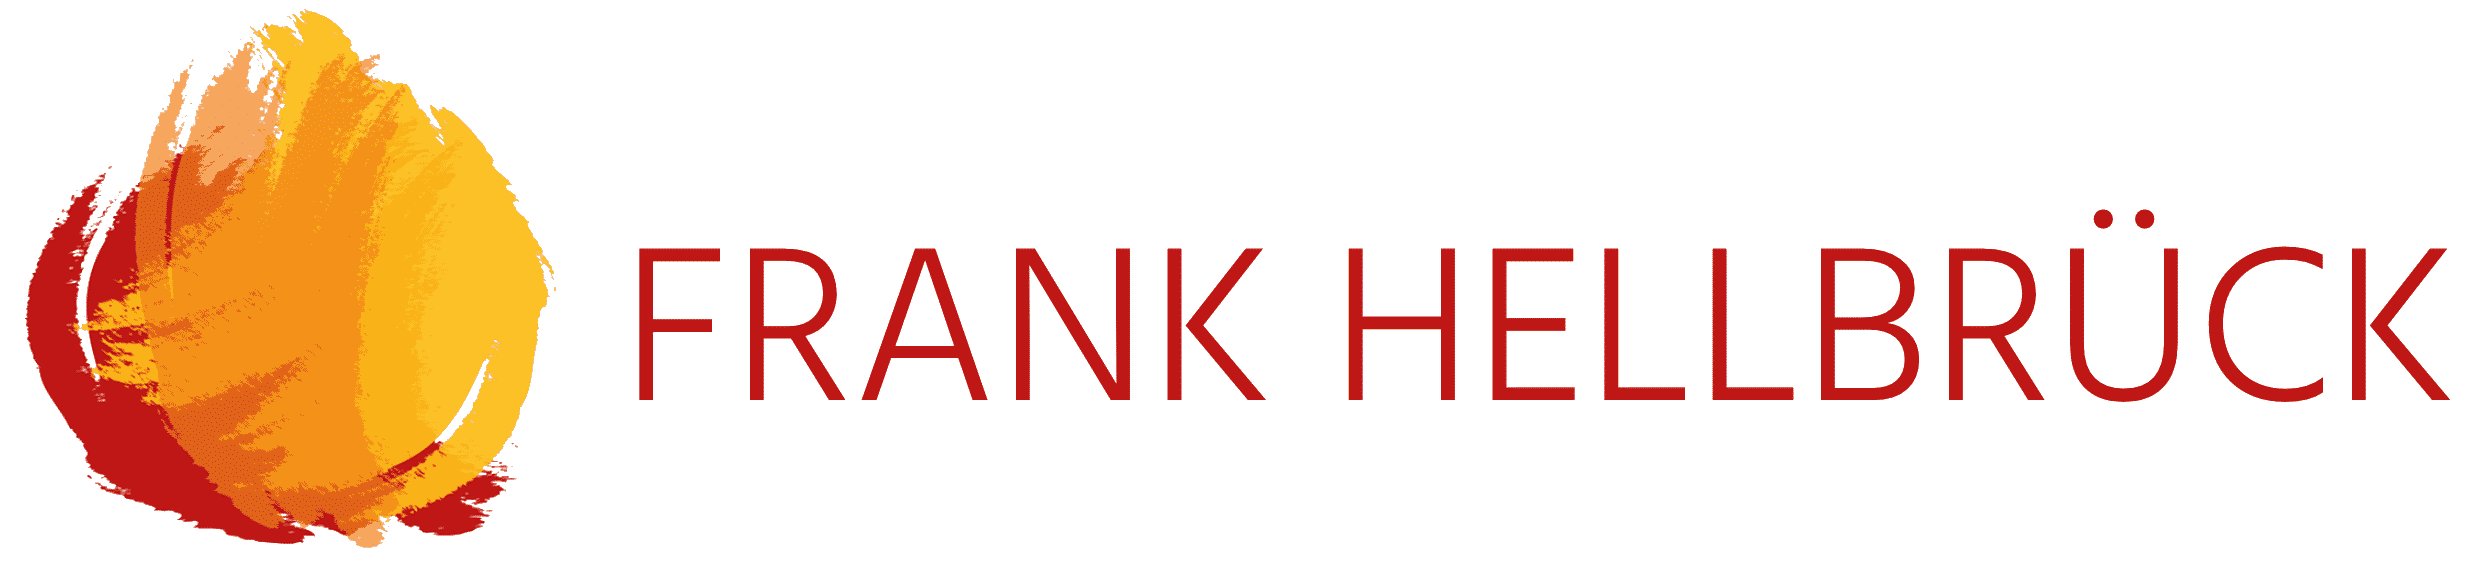 Frank Hellbrück - Web- Layout - Art